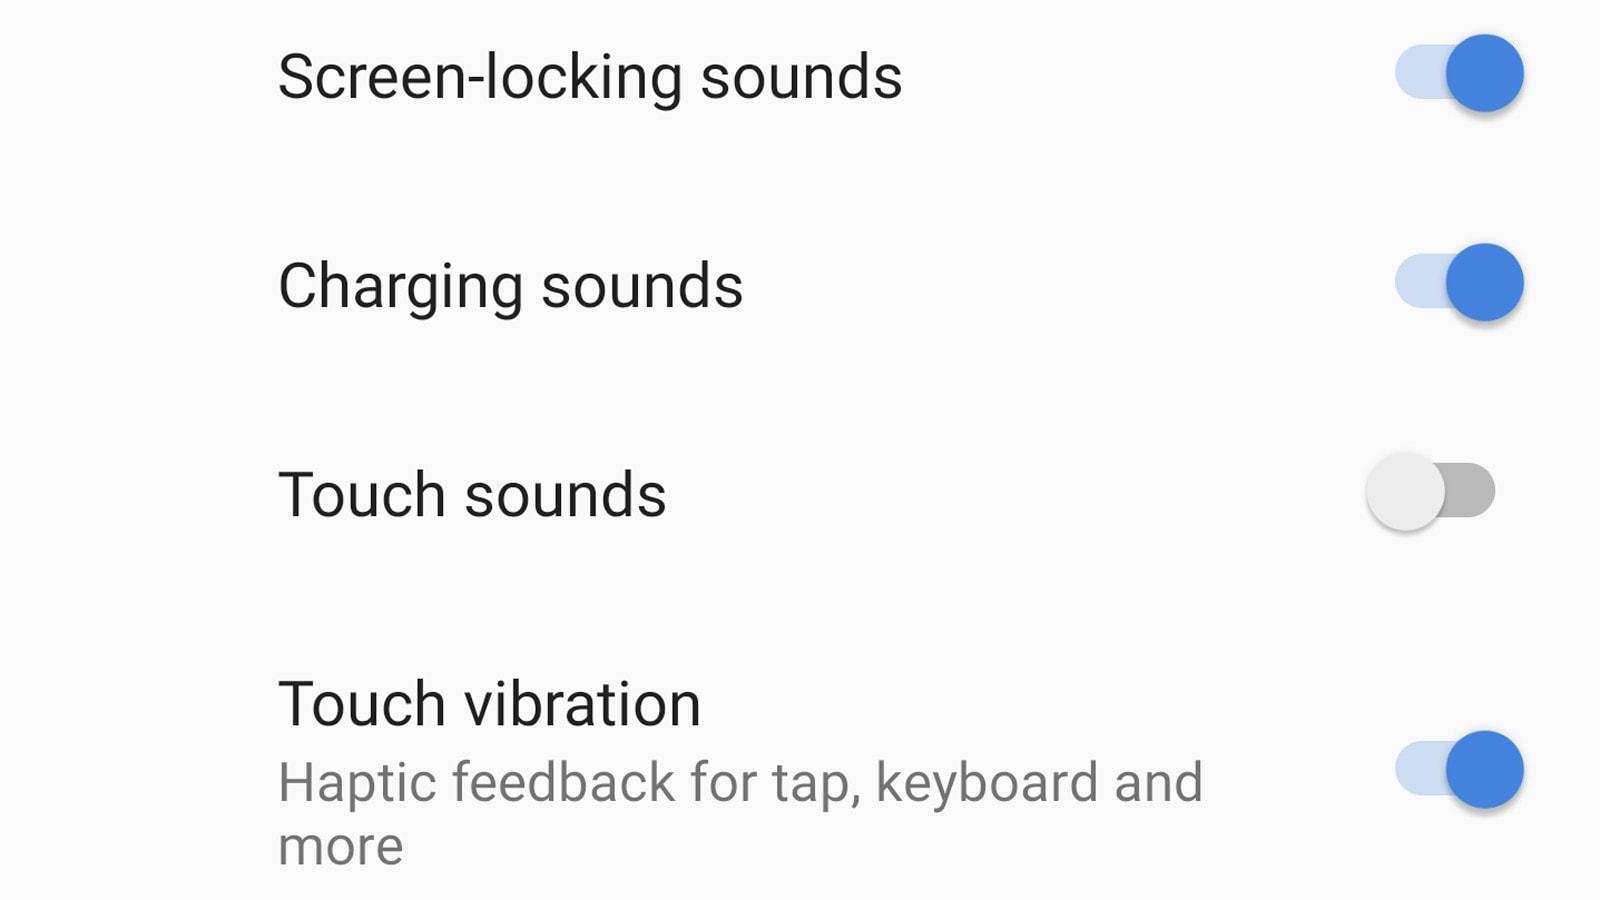 Vibração e feedback tátil